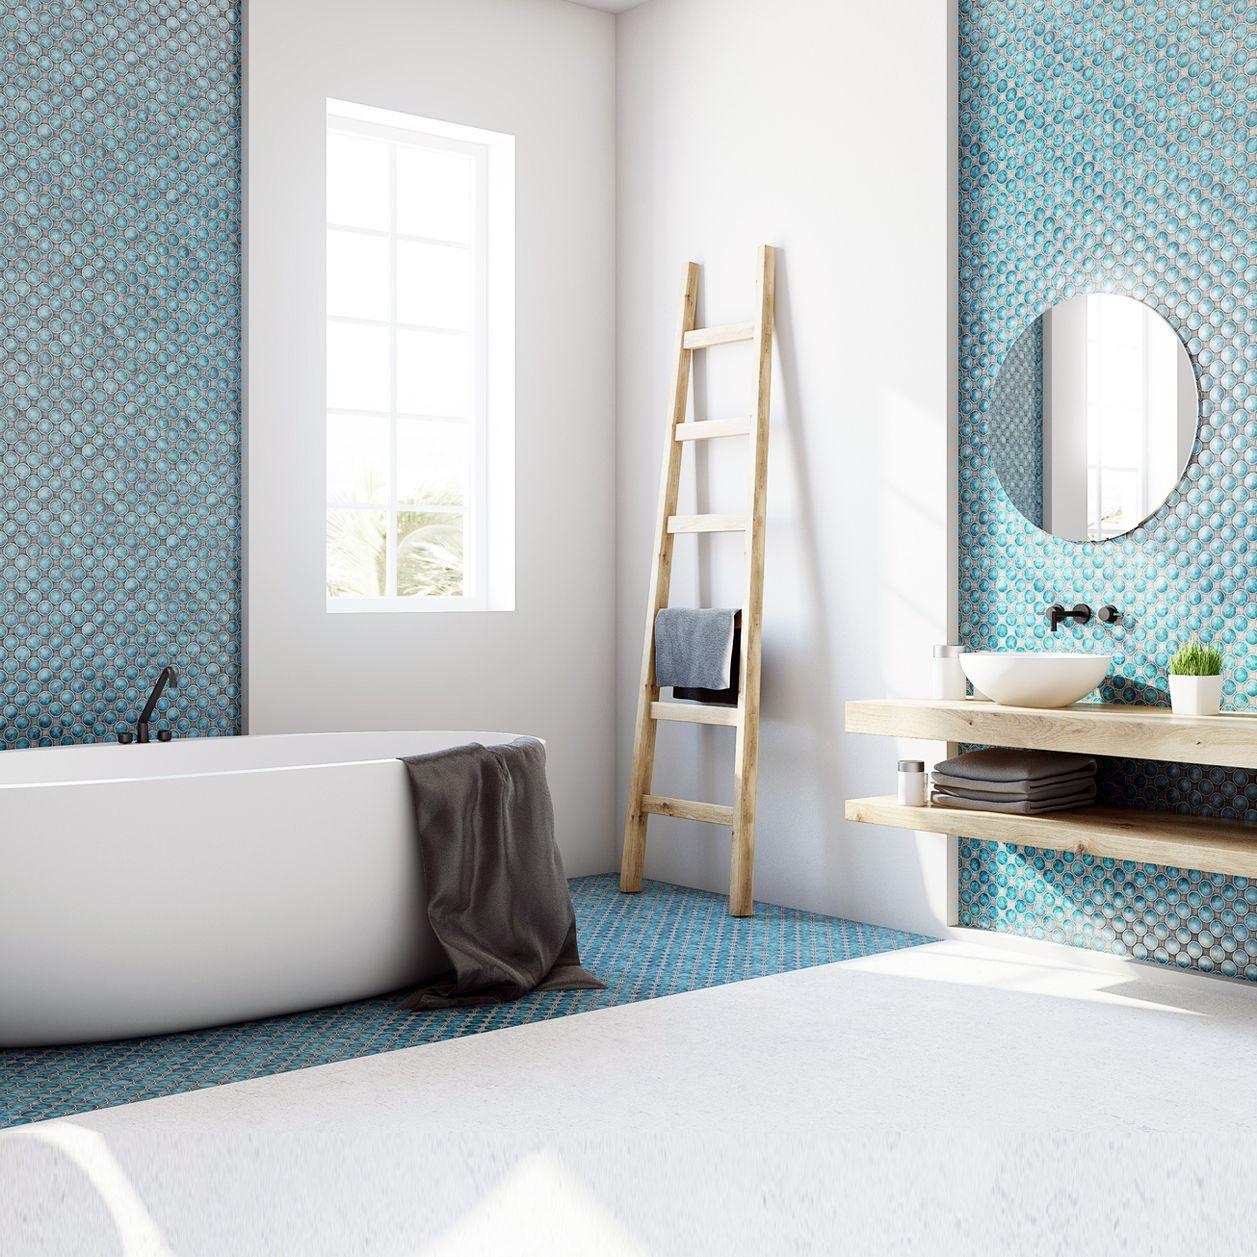 Badezimmer einrichten 20 Tricks für ein schöneres Bad